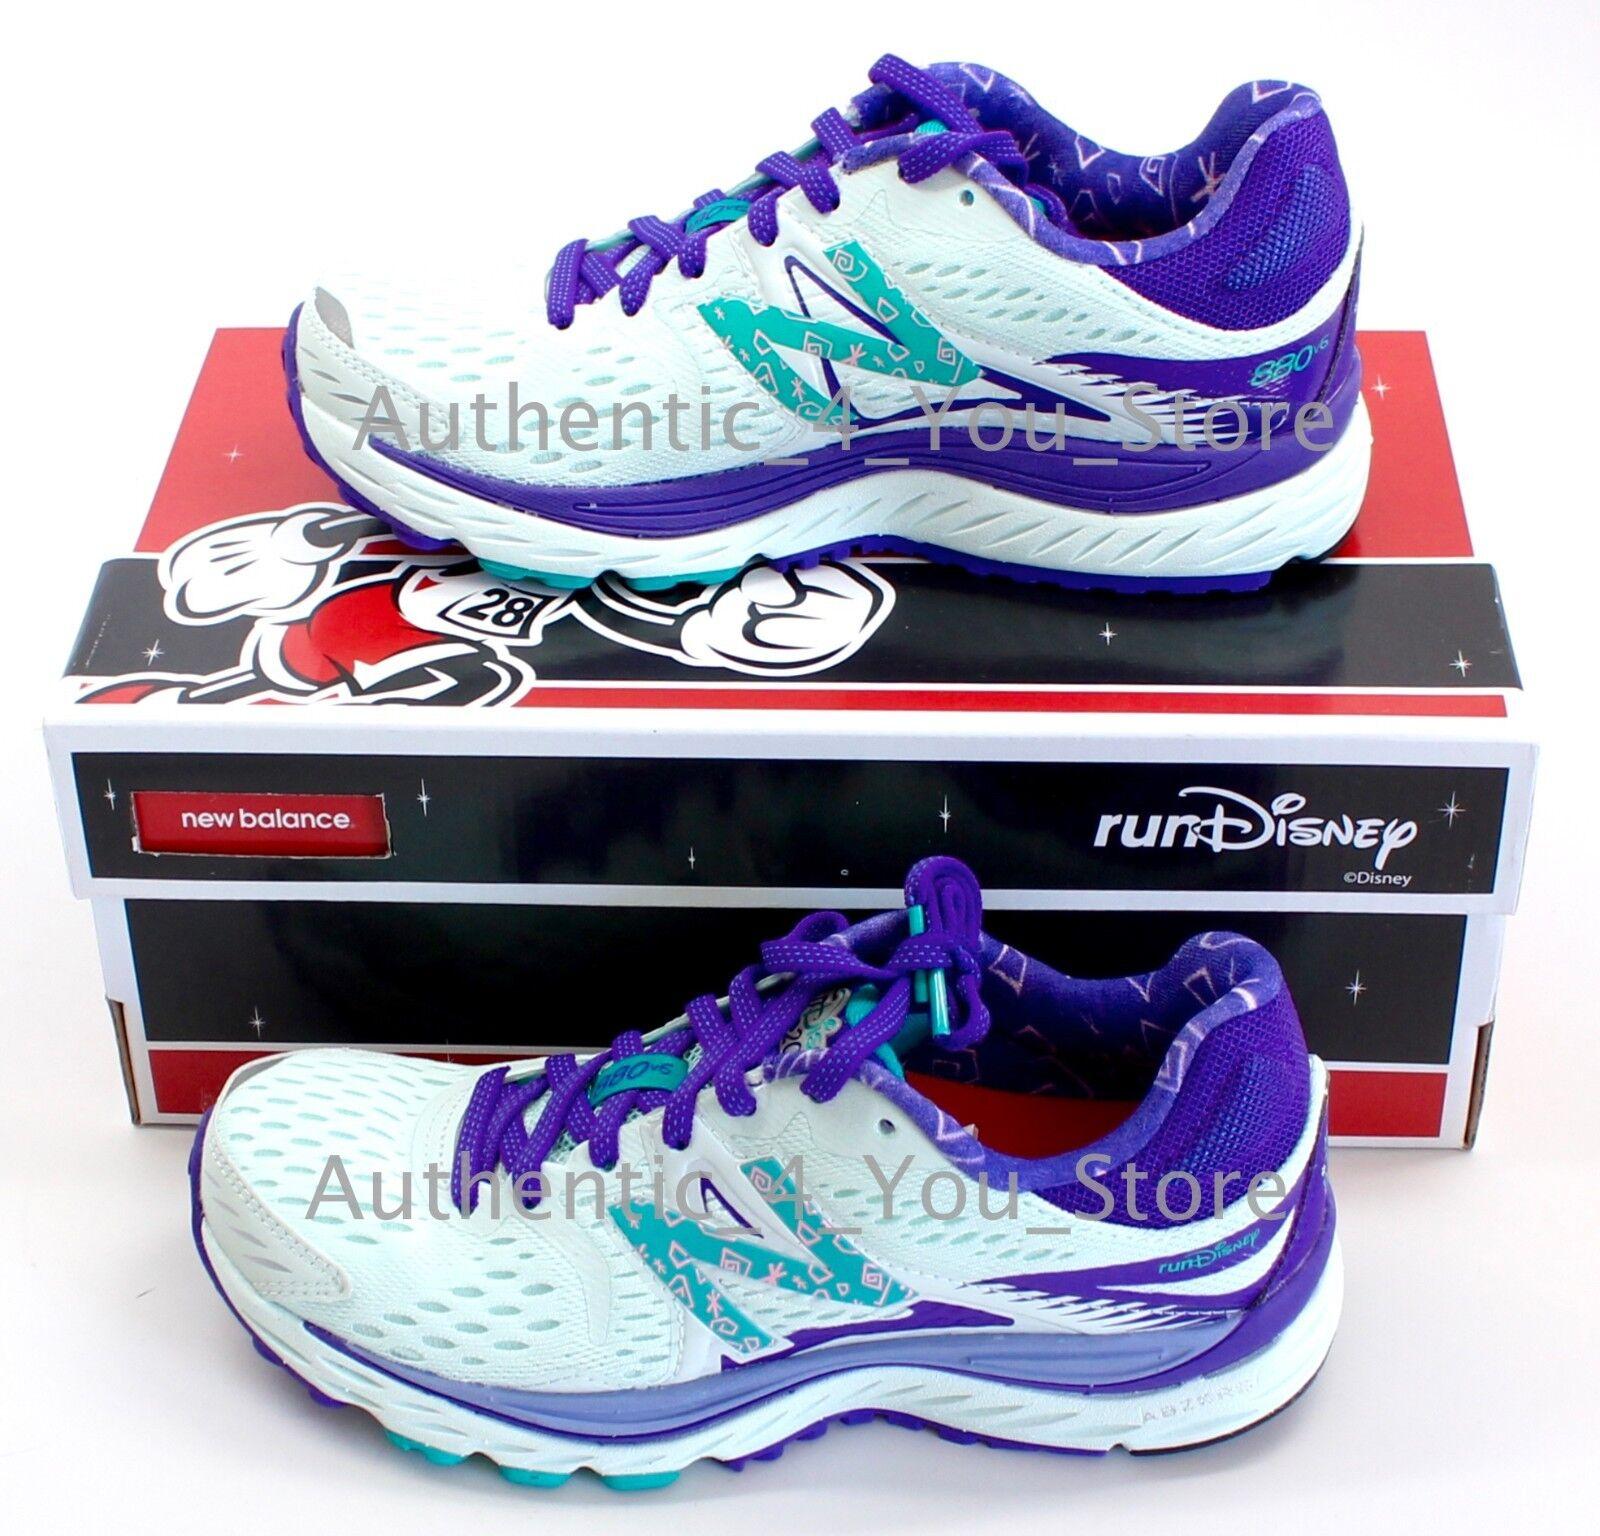 New balance rundisney ejecutar Disney Disney Disney Mad Tea Party tazas de té Zapatos 880 V6 todos los tamaños  marcas de moda